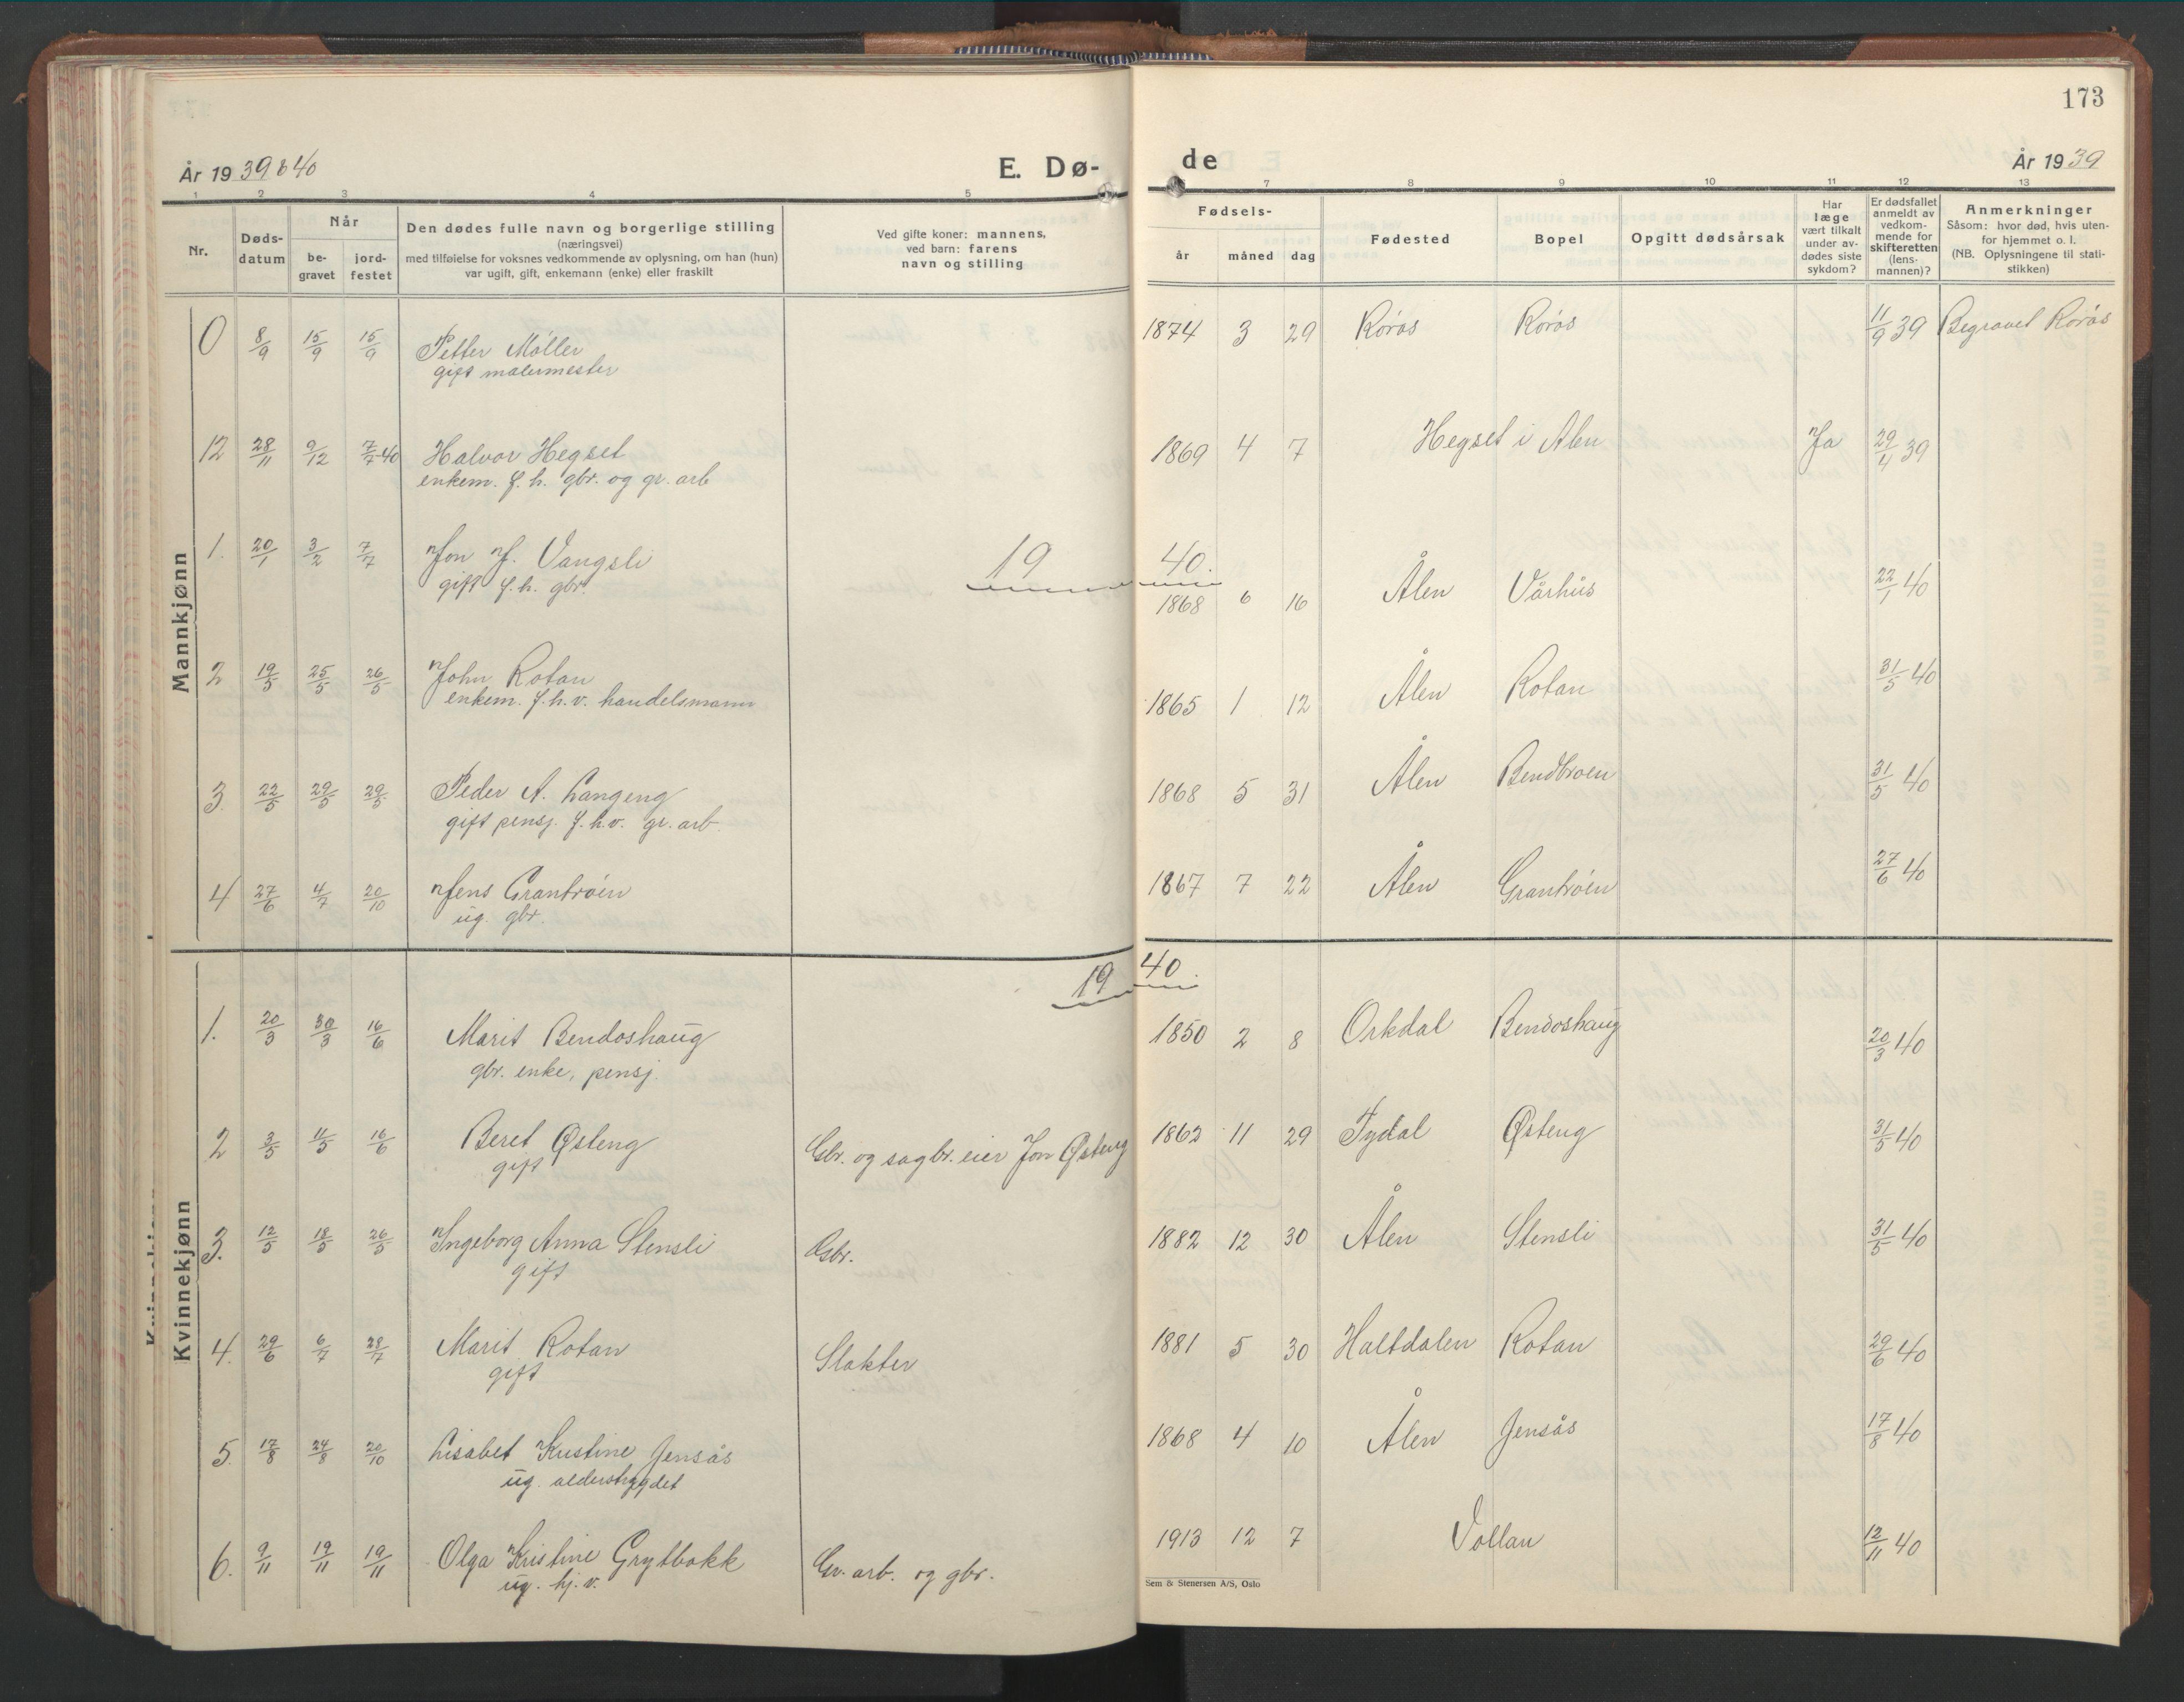 SAT, Ministerialprotokoller, klokkerbøker og fødselsregistre - Sør-Trøndelag, 686/L0986: Klokkerbok nr. 686C02, 1933-1950, s. 173